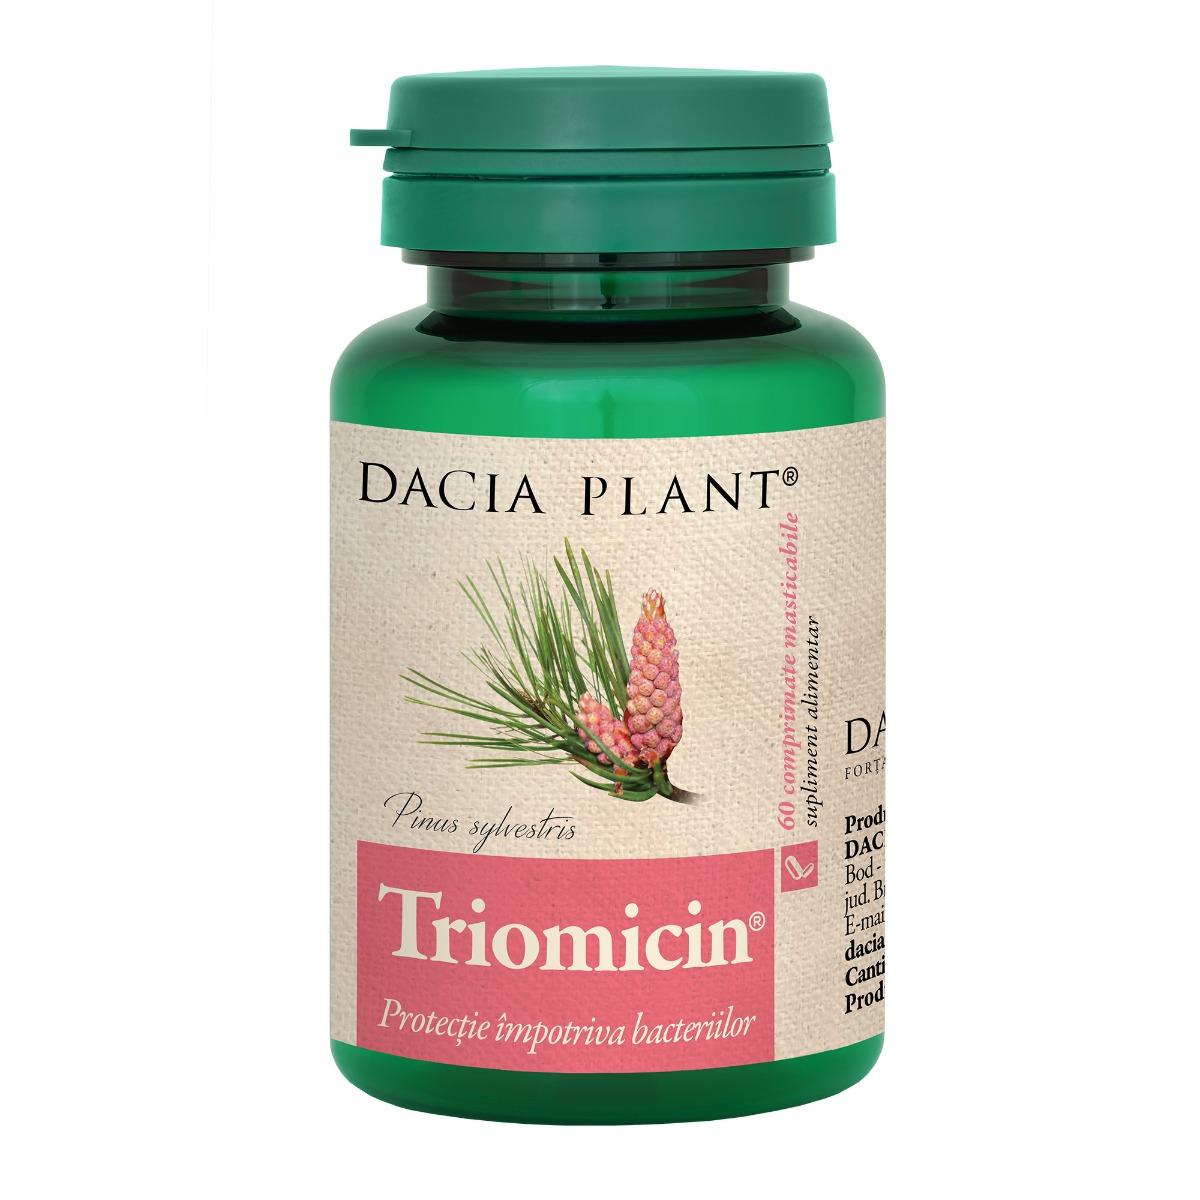 Triomicin, 60 comprimate, Dacia Plant drmax.ro